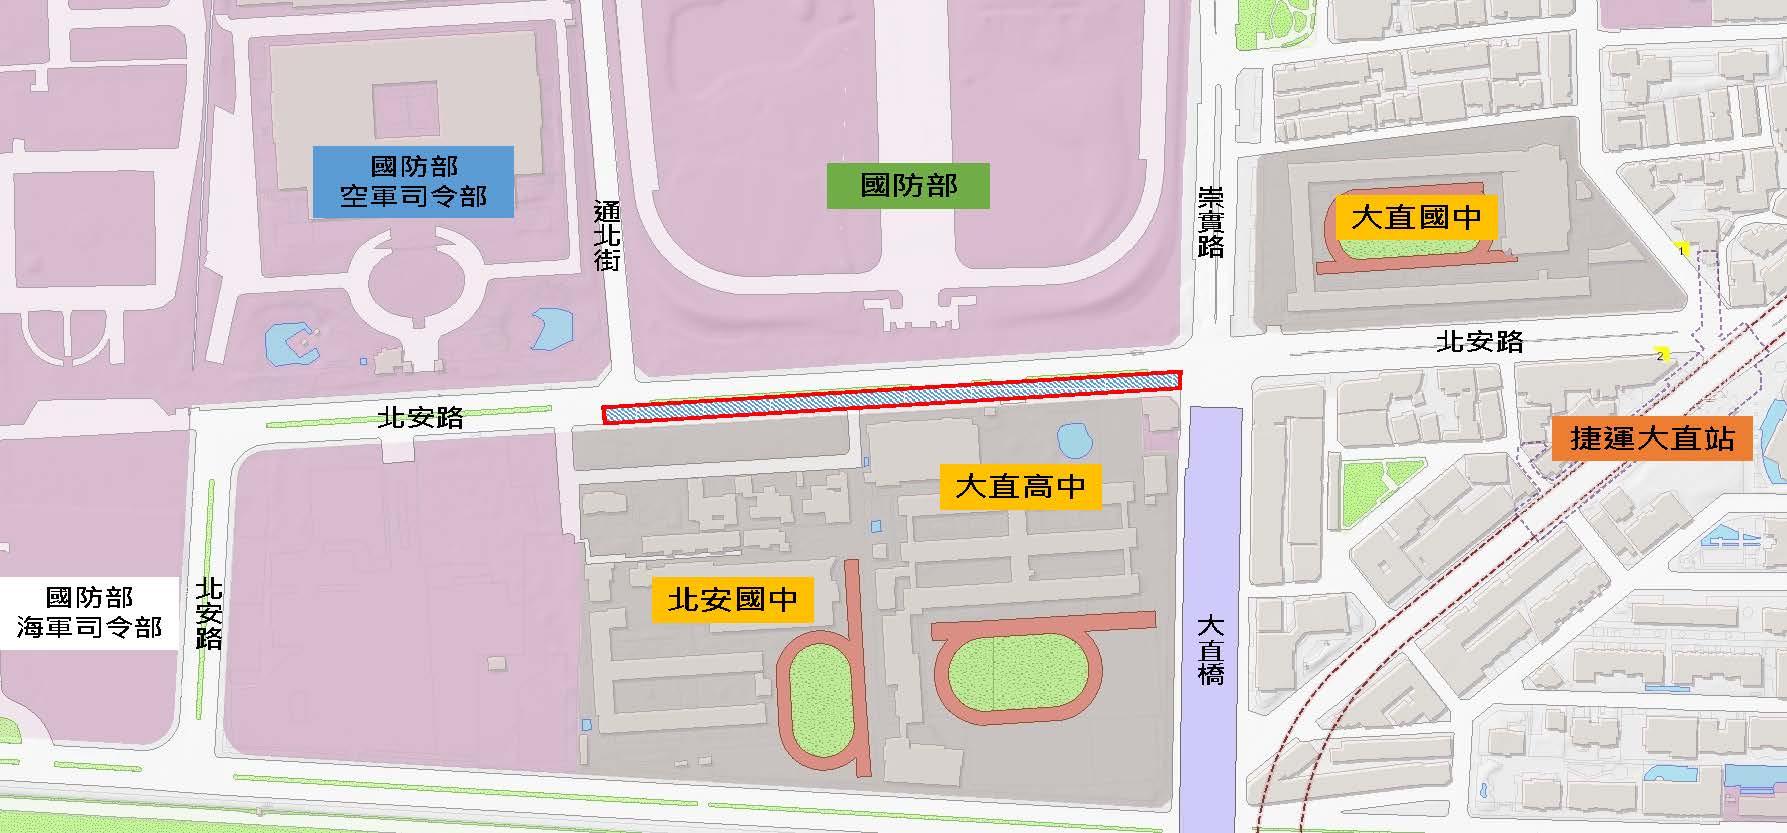 圖1北安路雙號側(通北街口至崇實路口)路面更新範圍